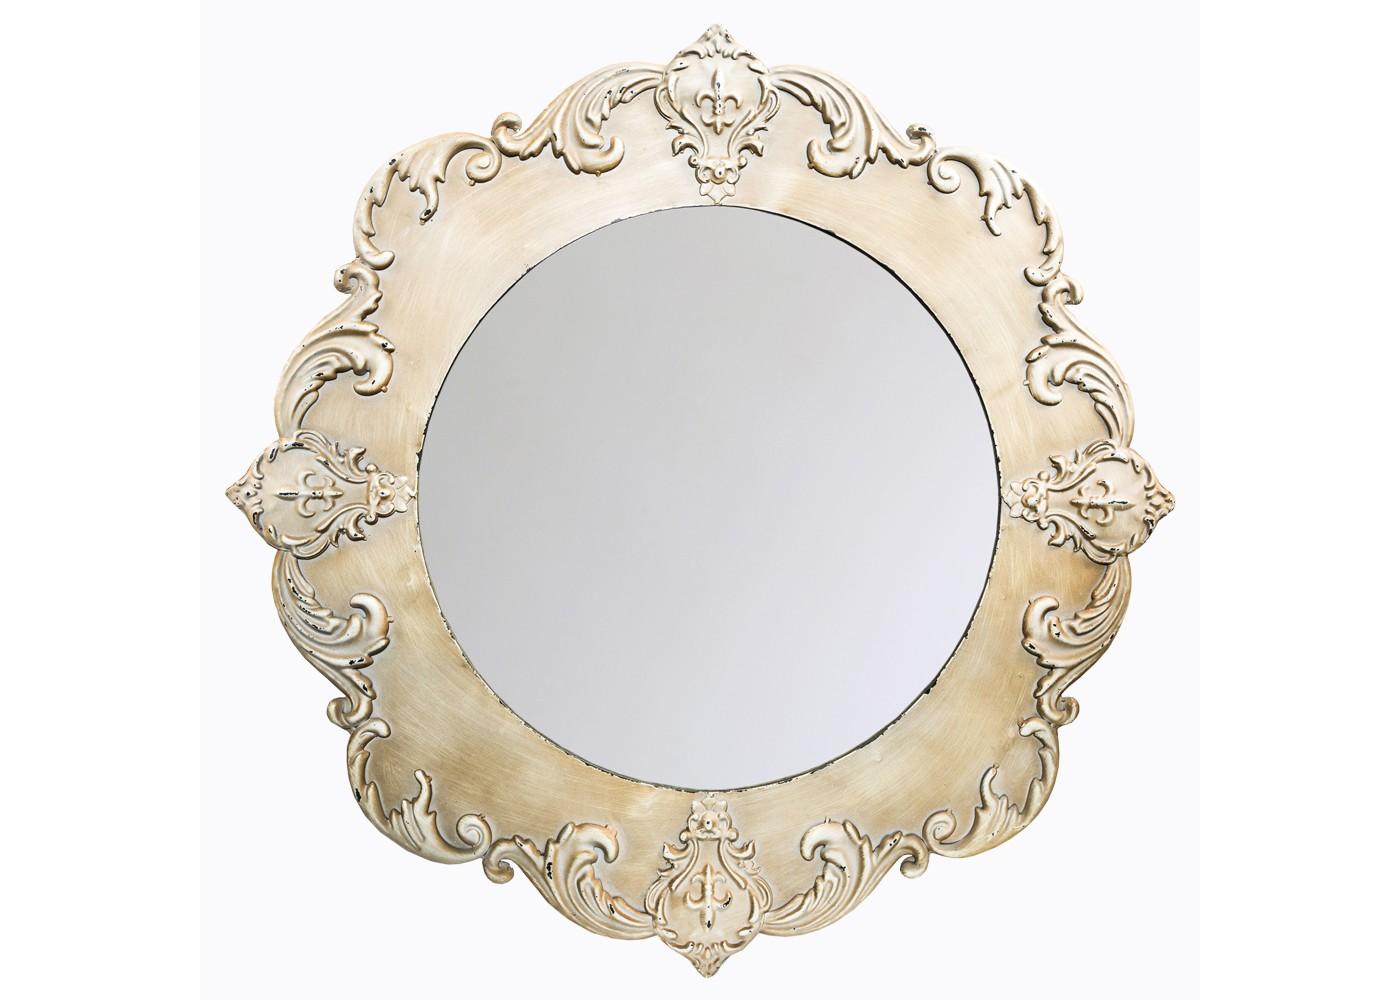 Настенное зеркало «Бурбон»Настенные зеркала<br>Великолепие зеркала &amp;quot;Бурбон&amp;quot; воплощено современным видением классических канонов красоты. В пышности королевских линий растительного рельефа, в сдержанной античной палитре и антикварной отделке прослеживается настоящая гармония. Гармония классического стиля. В богатстве ампира, интимной роскоши рококо или строгости английского оформления ? всюду она будет смотреться прекрасно, добавляя атмосфере пространства больше шика.&amp;lt;div&amp;gt;&amp;lt;br&amp;gt;&amp;lt;/div&amp;gt;&amp;lt;div&amp;gt;Можно использовать чистящие средства для рамы.&amp;lt;/div&amp;gt;&amp;lt;div&amp;gt;&amp;lt;br&amp;gt;&amp;lt;/div&amp;gt;<br><br>Material: Металл<br>Depth см: 2,5<br>Diameter см: 78